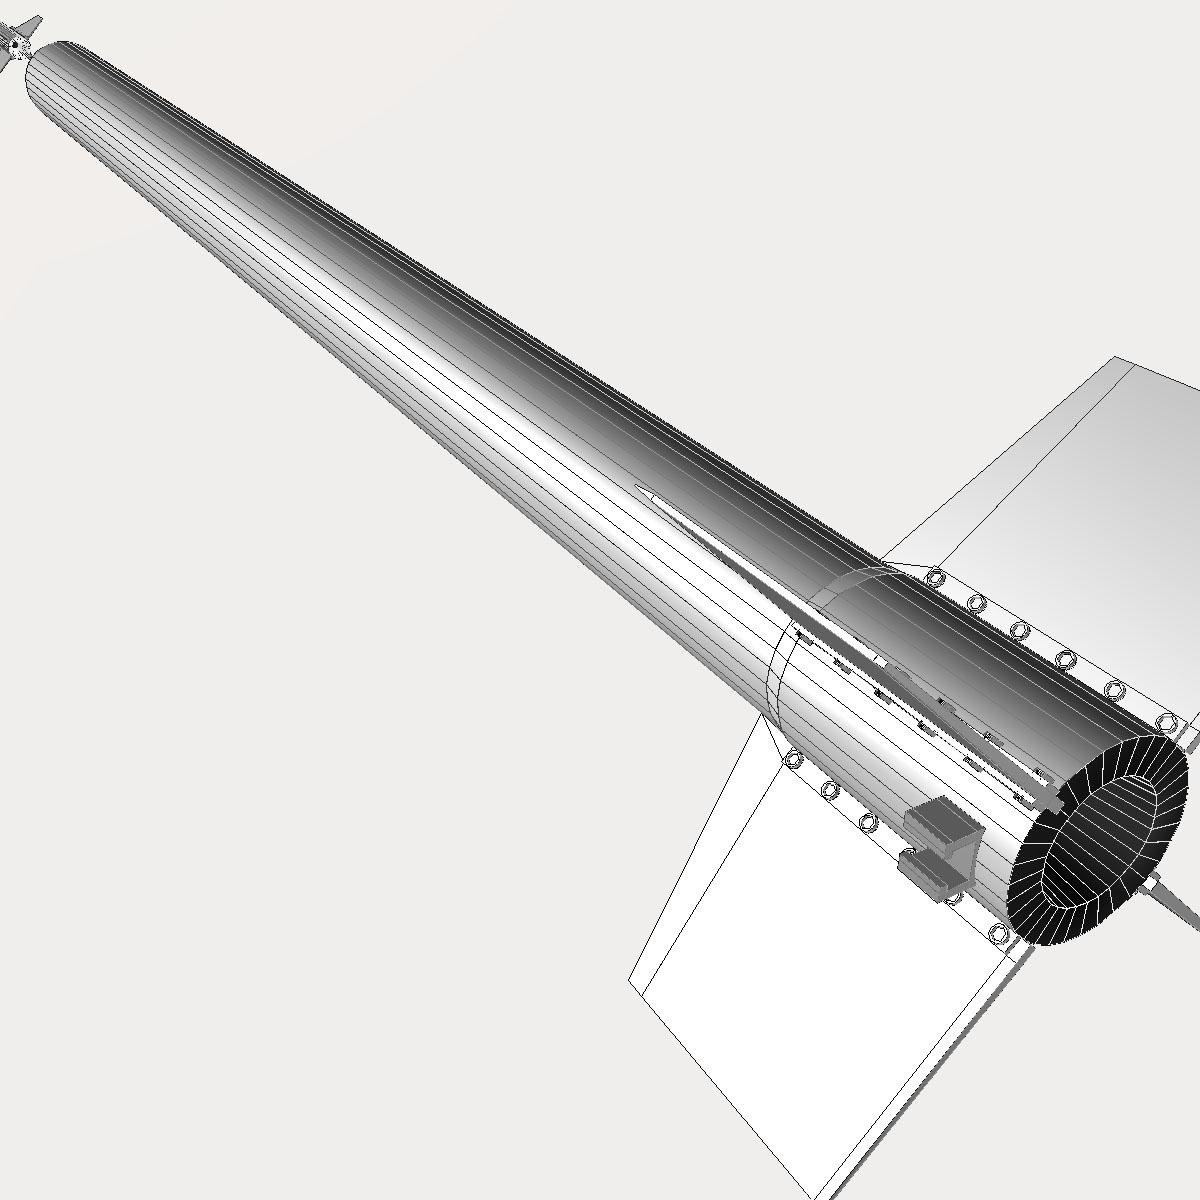 ni roced hopi dart 3d model 3ds dxf cob x obj 152657